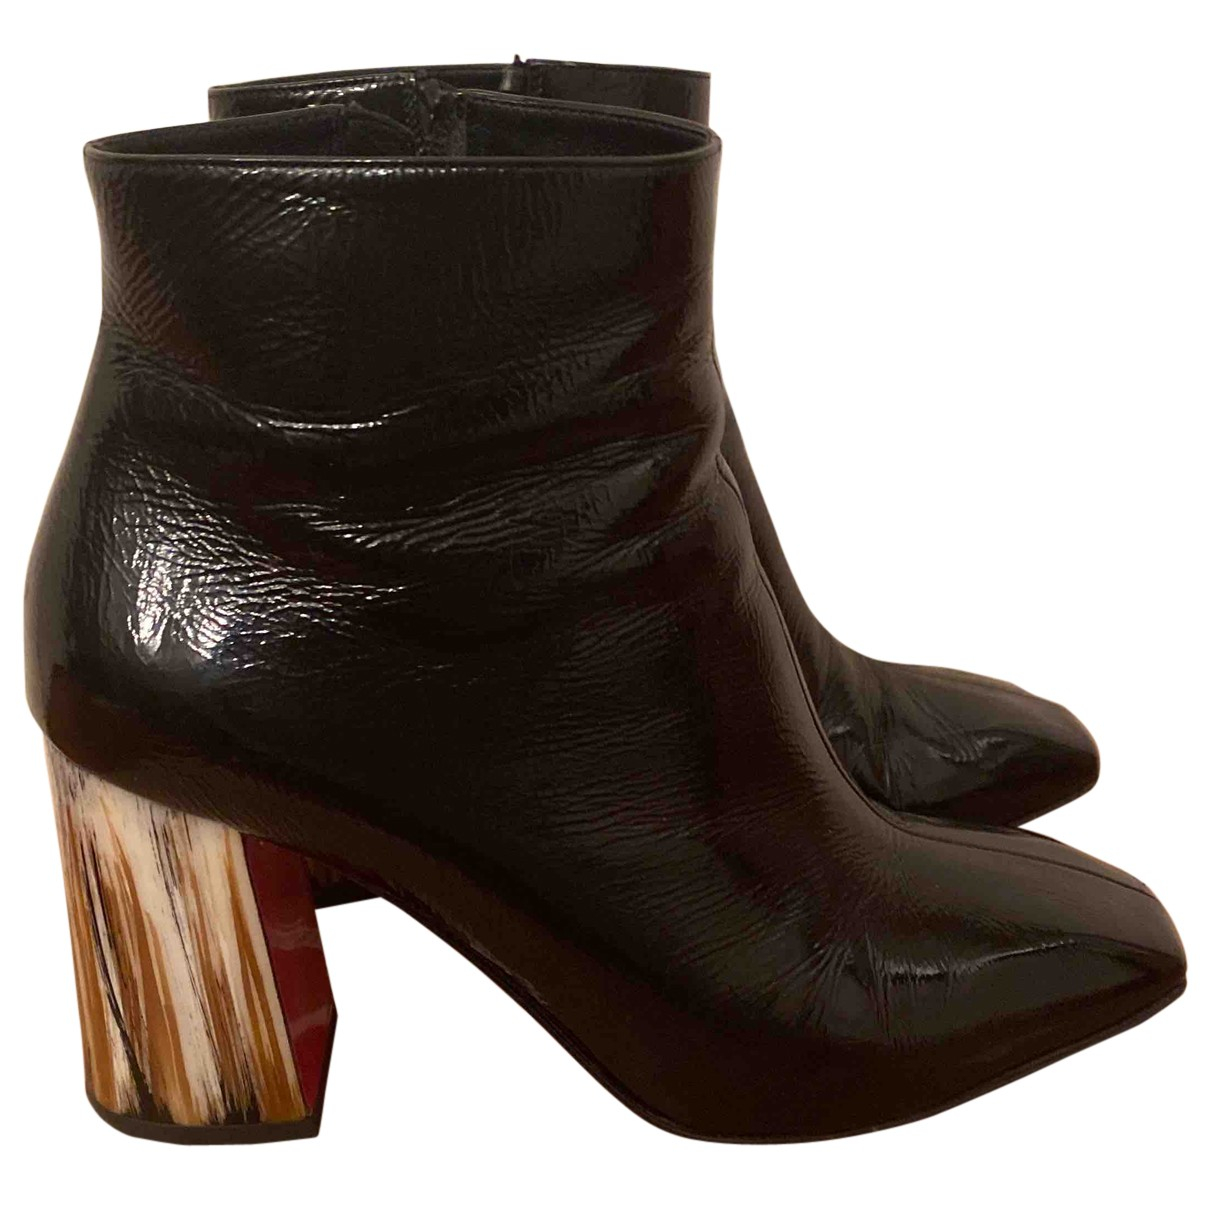 Christian Louboutin - Boots   pour femme en cuir verni - noir